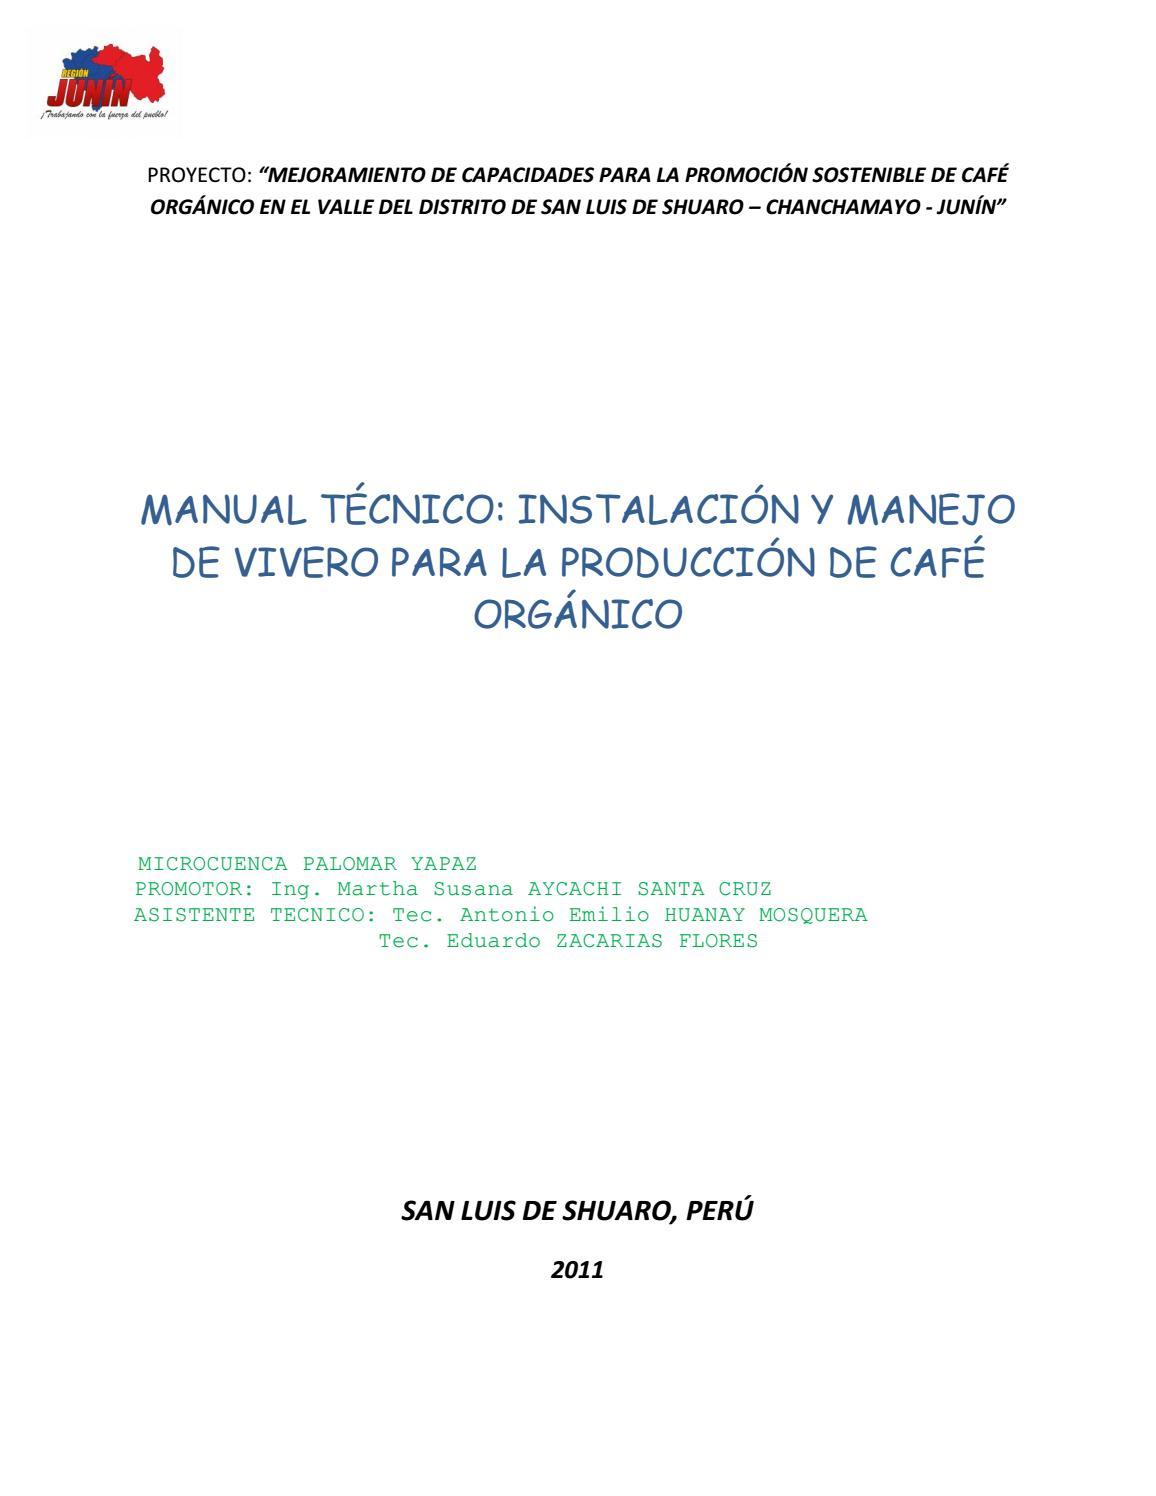 Manual tecnico instalacion y manejo de vivero para la for Vivero organico